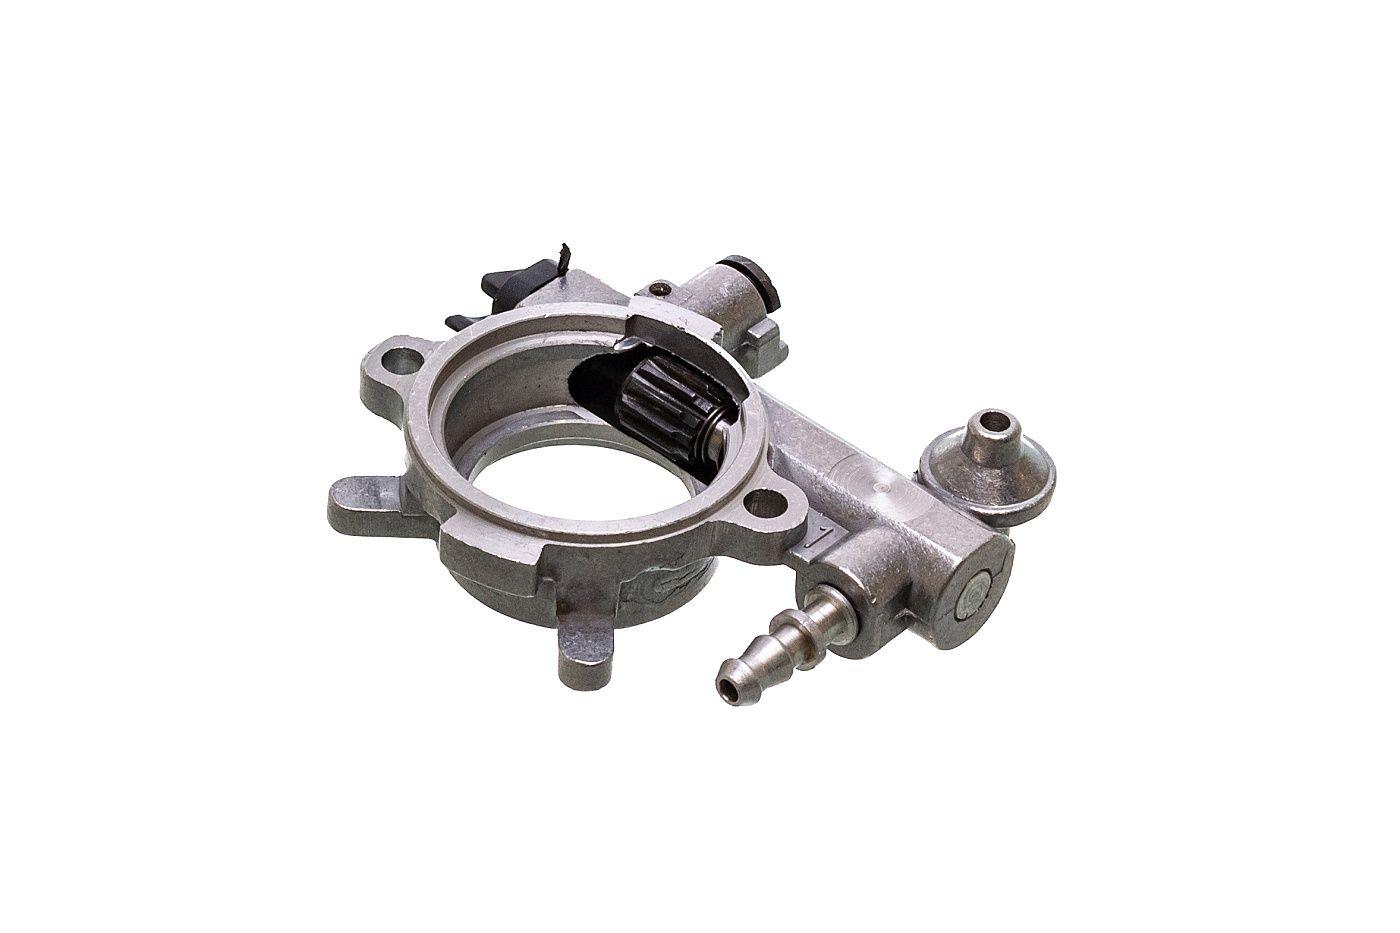 Olejové čerpadlo Stihl MS340 MS360 034 036 (1125 640 3201)